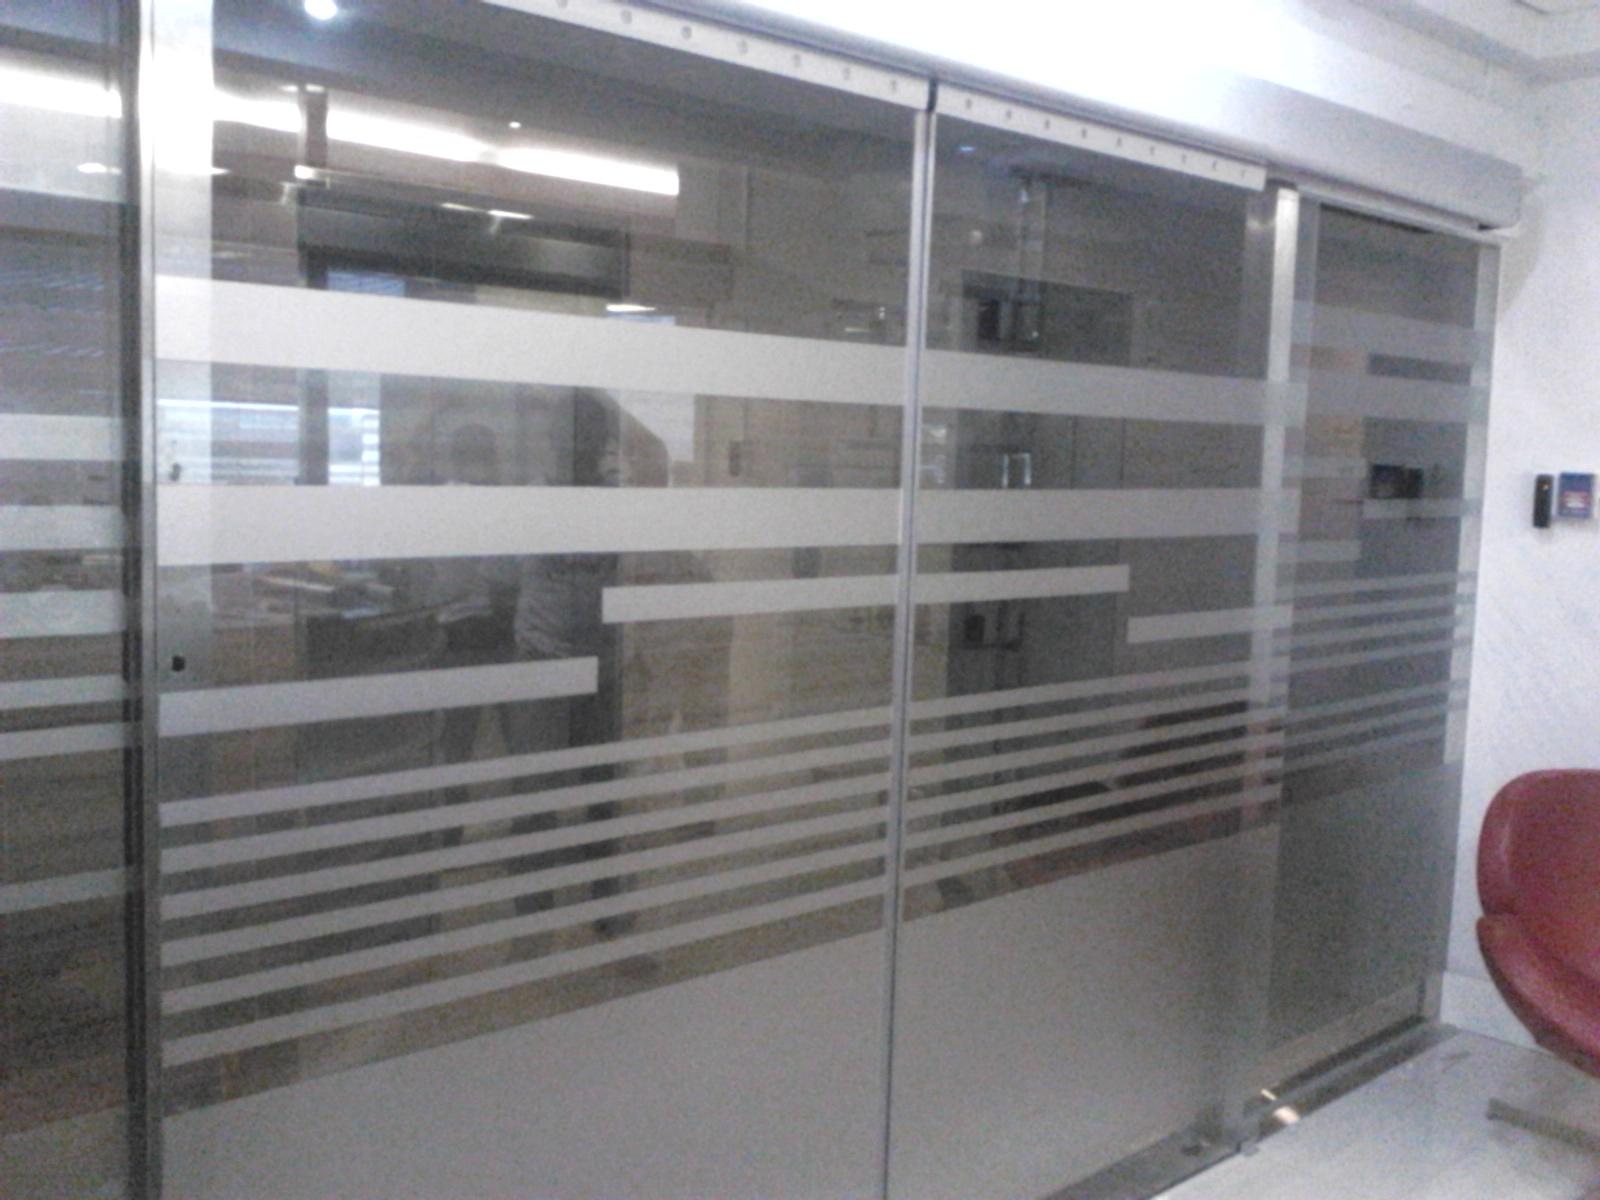 Puertas corredizas electronicas constructora nigrinis for Puertas de vidrio para interiores